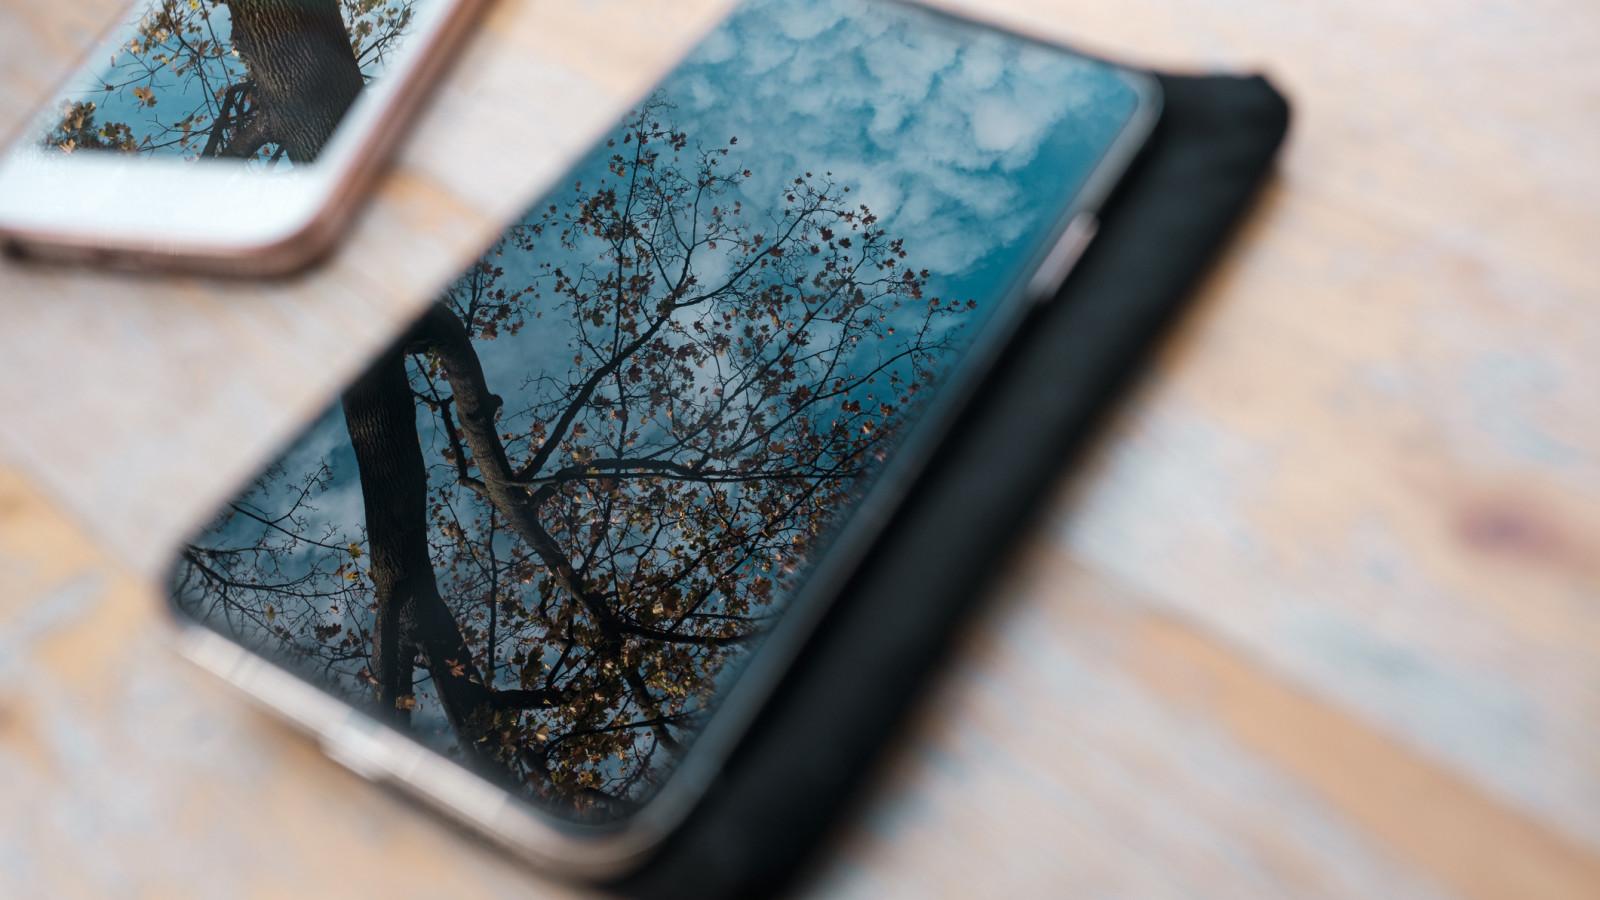 Zwei Smartphones liegen auf einem Tisch